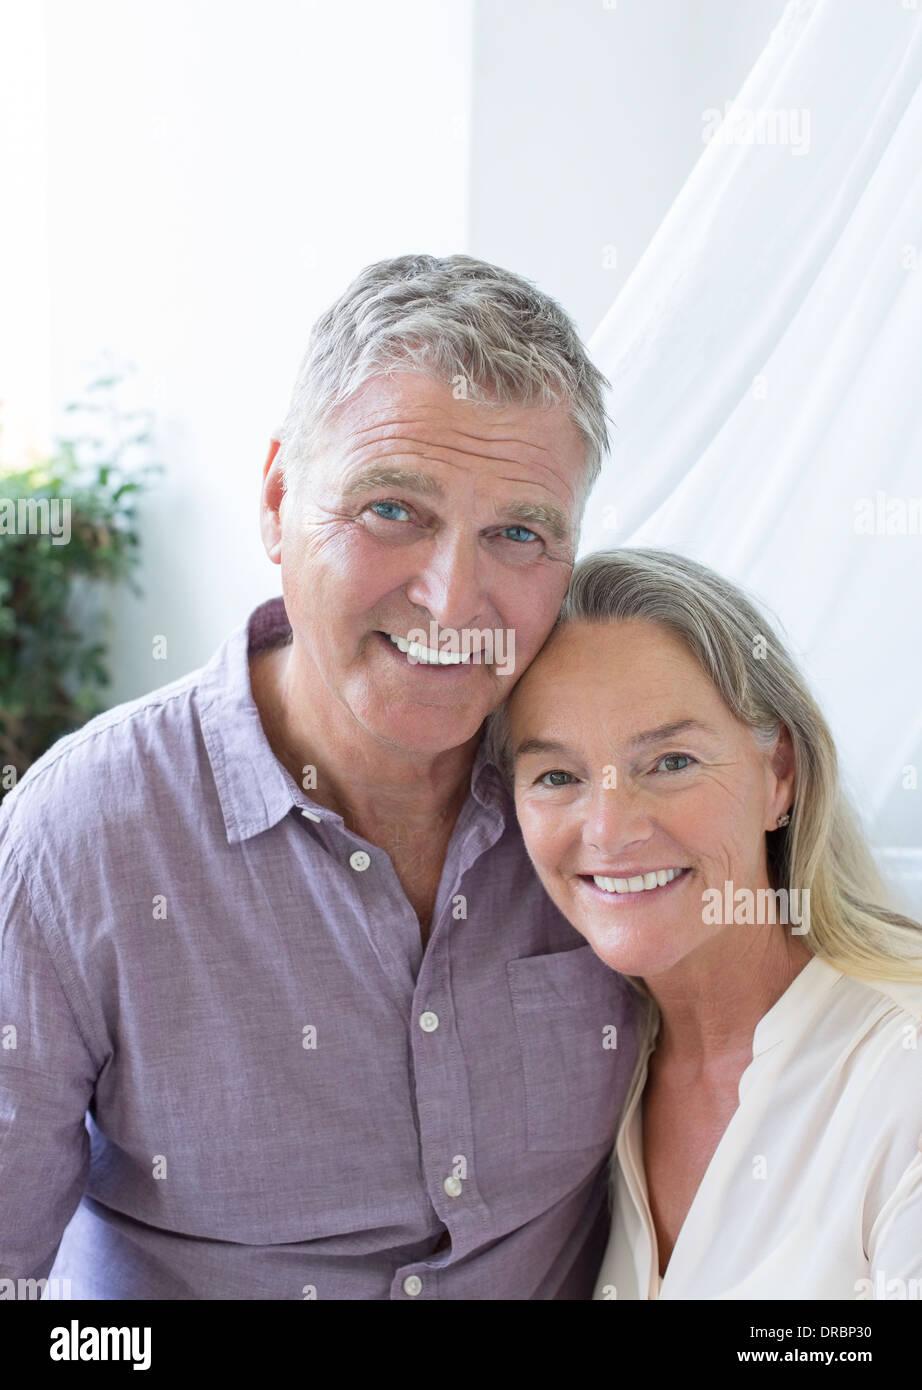 Senior couple smiling - Stock Image